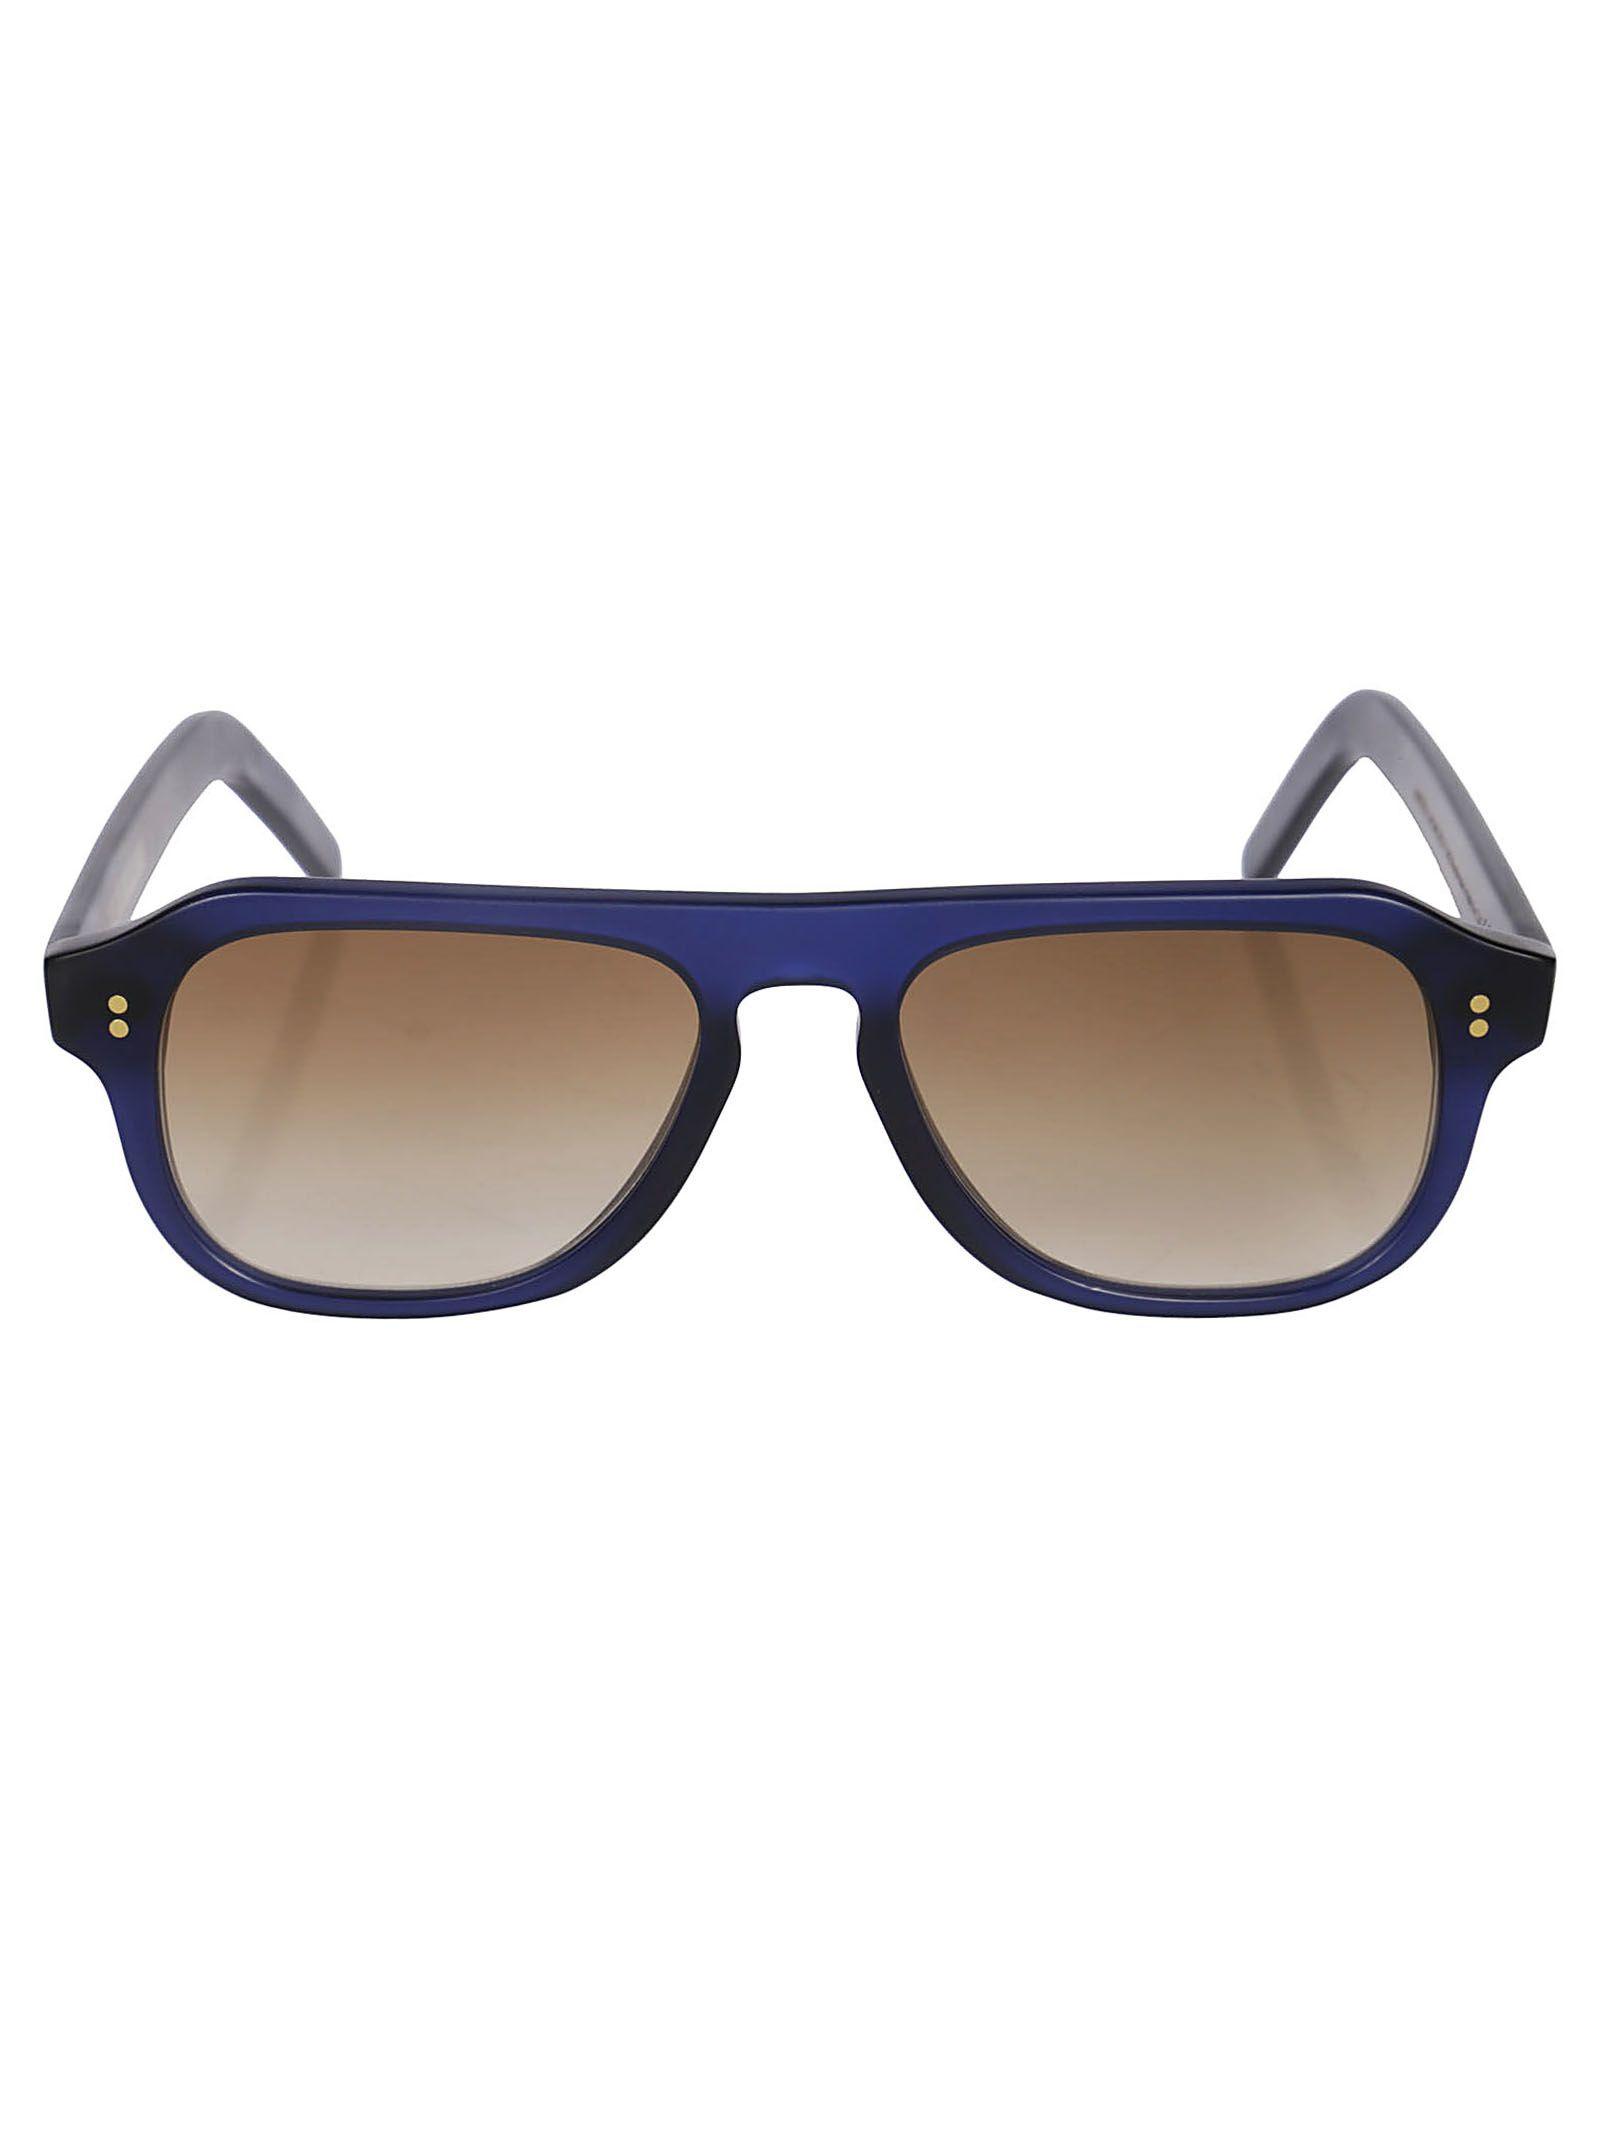 Cutler And Gross Pilot Frame Sunglasses